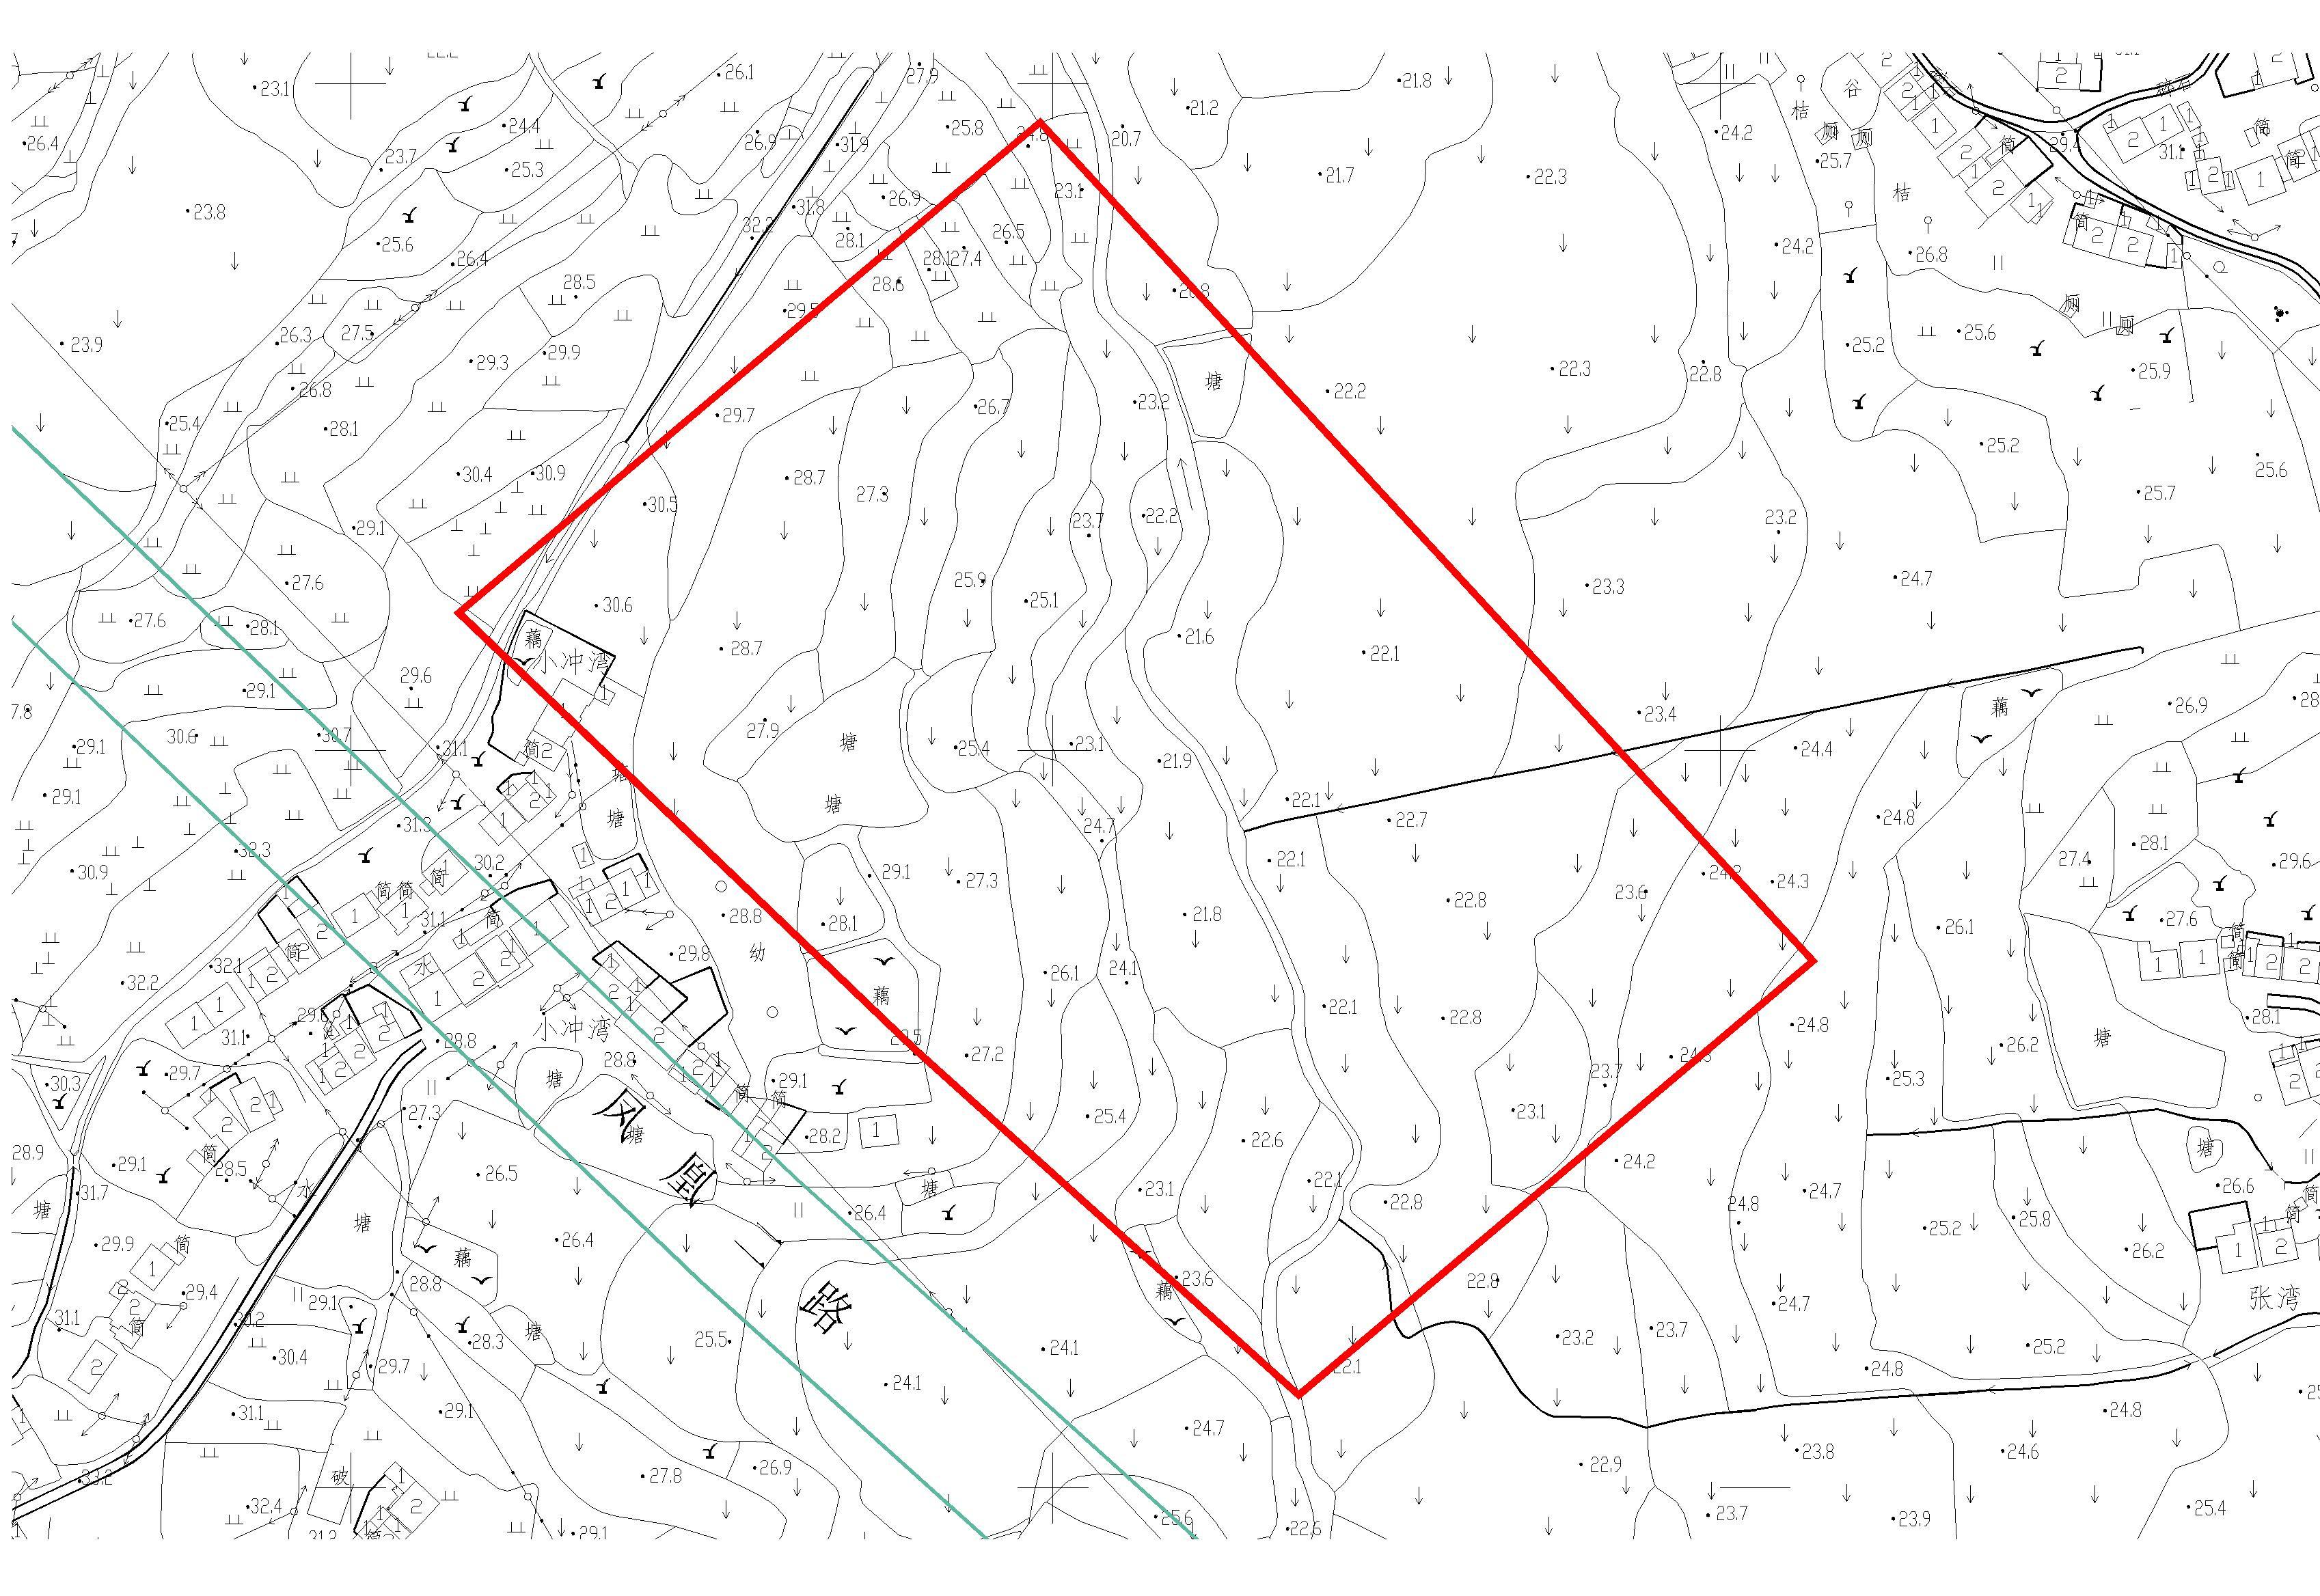 经武汉经济技术开发区规划土地局审查,拟同意核发武汉圣普太阳能科技有限公司位于开发区101M1-5地块厂房项目的《建设用地规划许可证》、用地规划设计条件,地块南临凤凰二路绿化带。现将该项目拟核发的《建设用地规划许可证》、用地规划设计条件、法定红线进行公示。 公示内容如下: 公示日期:2012年10月17日-2012年10月27日 公示反映方式:在公示期间,有关单位或个人对该项目审批有任何意见或建议的,可通过以下方式向武汉经济技术开发区规划土地局反映。 网上意见提供地址:http://hn.